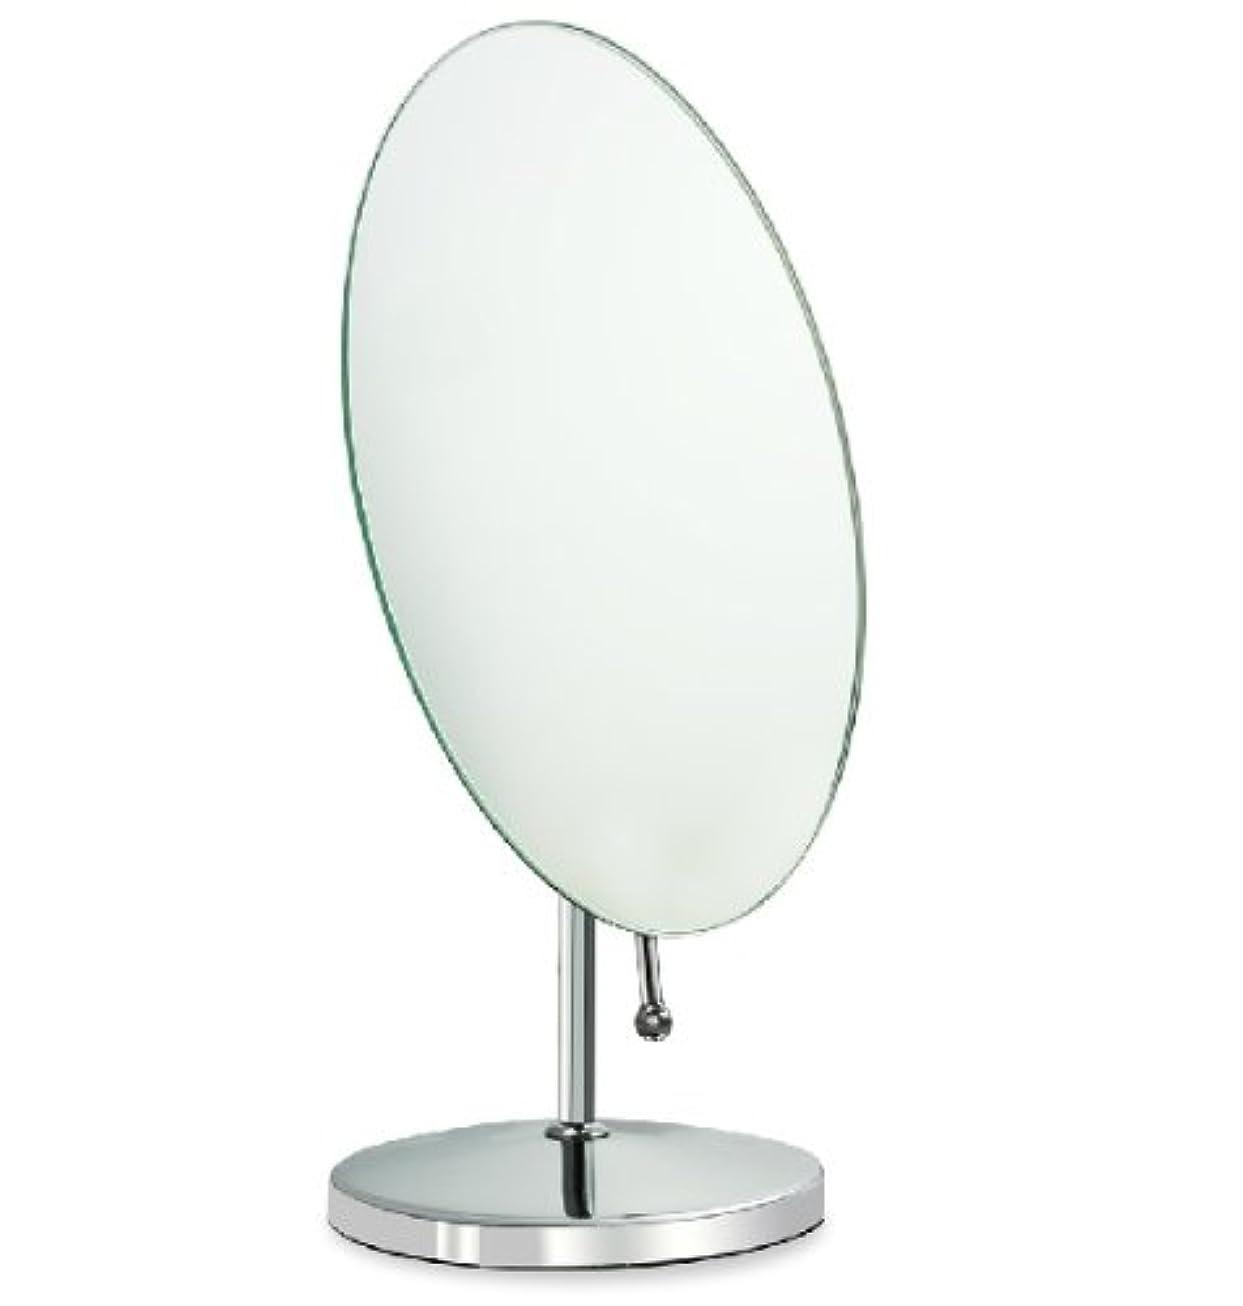 安価なパスポートモザイク鏡 卓上鏡 化粧鏡 スタンドミラー 全方向可動式 取っ手付き鏡 大きめな楕円形